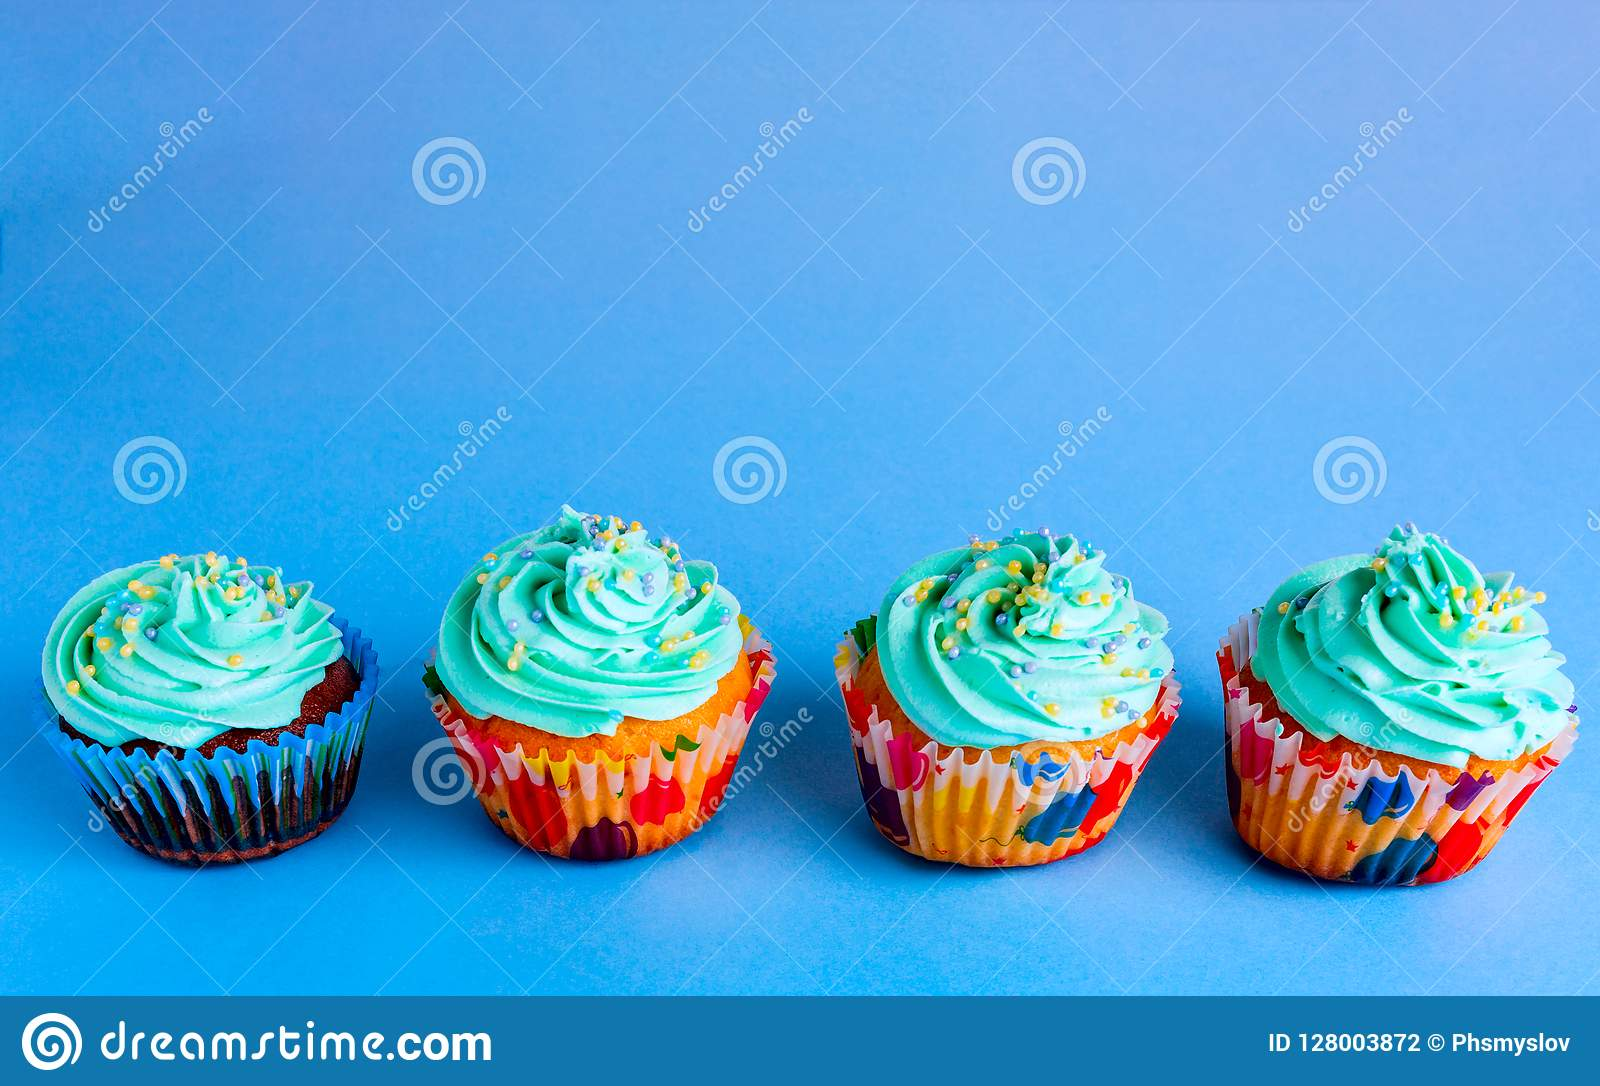 Capcake op een blauwe achtergrond, exemplaarruimte